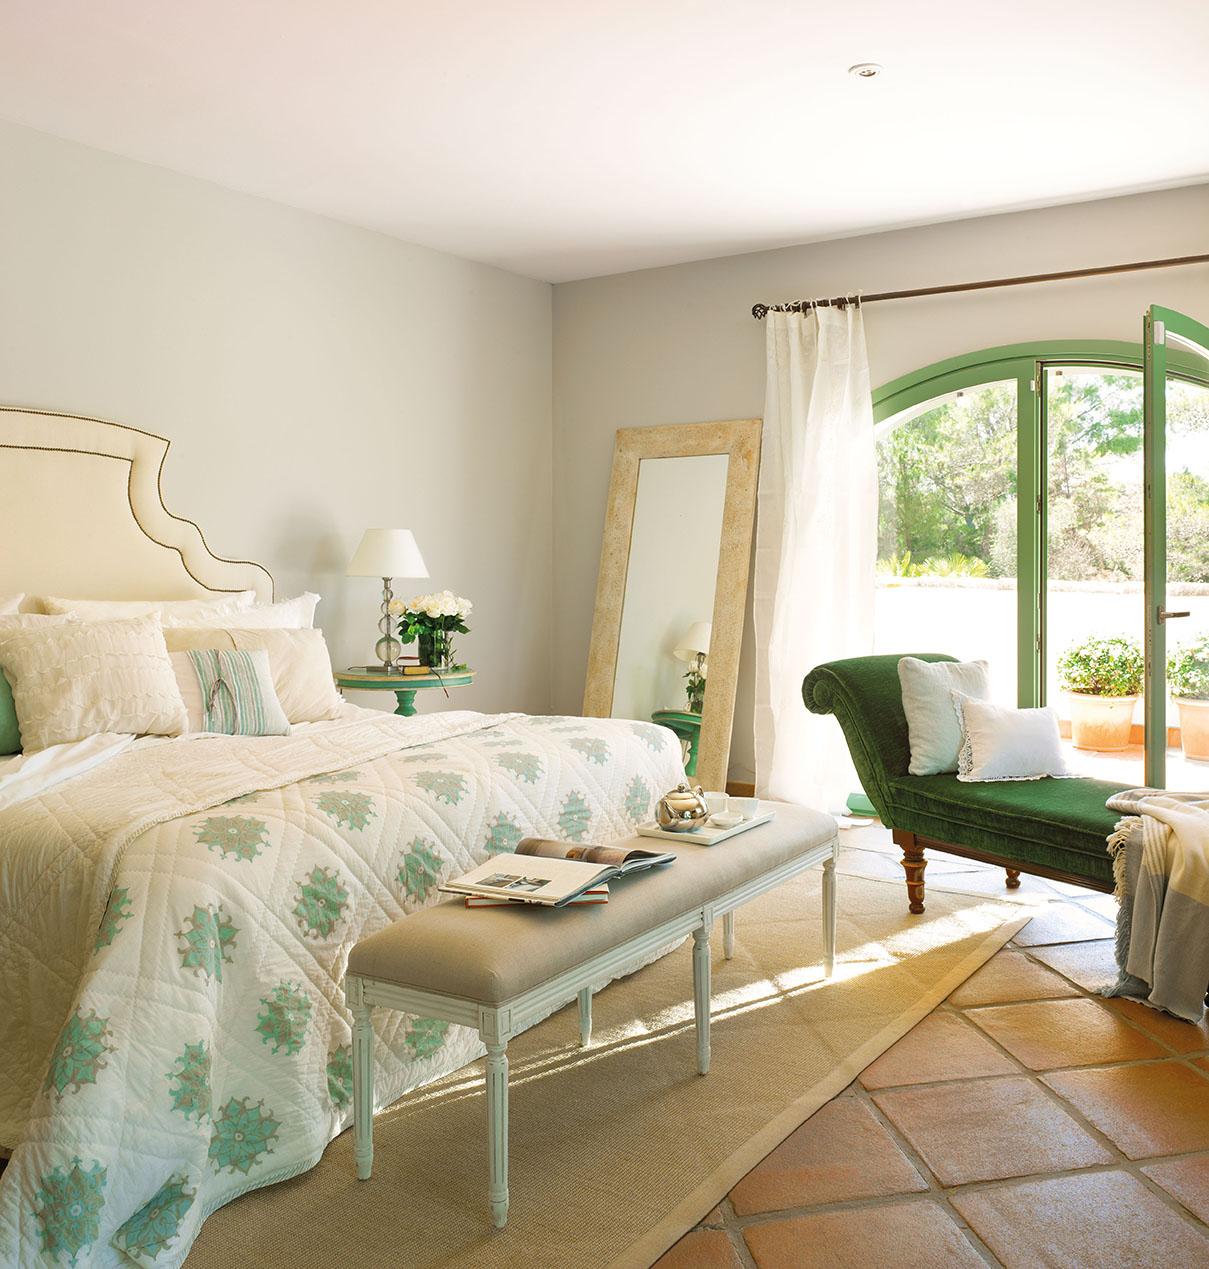 00324111. Dormitorio en blanco y verde con chaise longue y banqueta a los pies de la cama_00324111